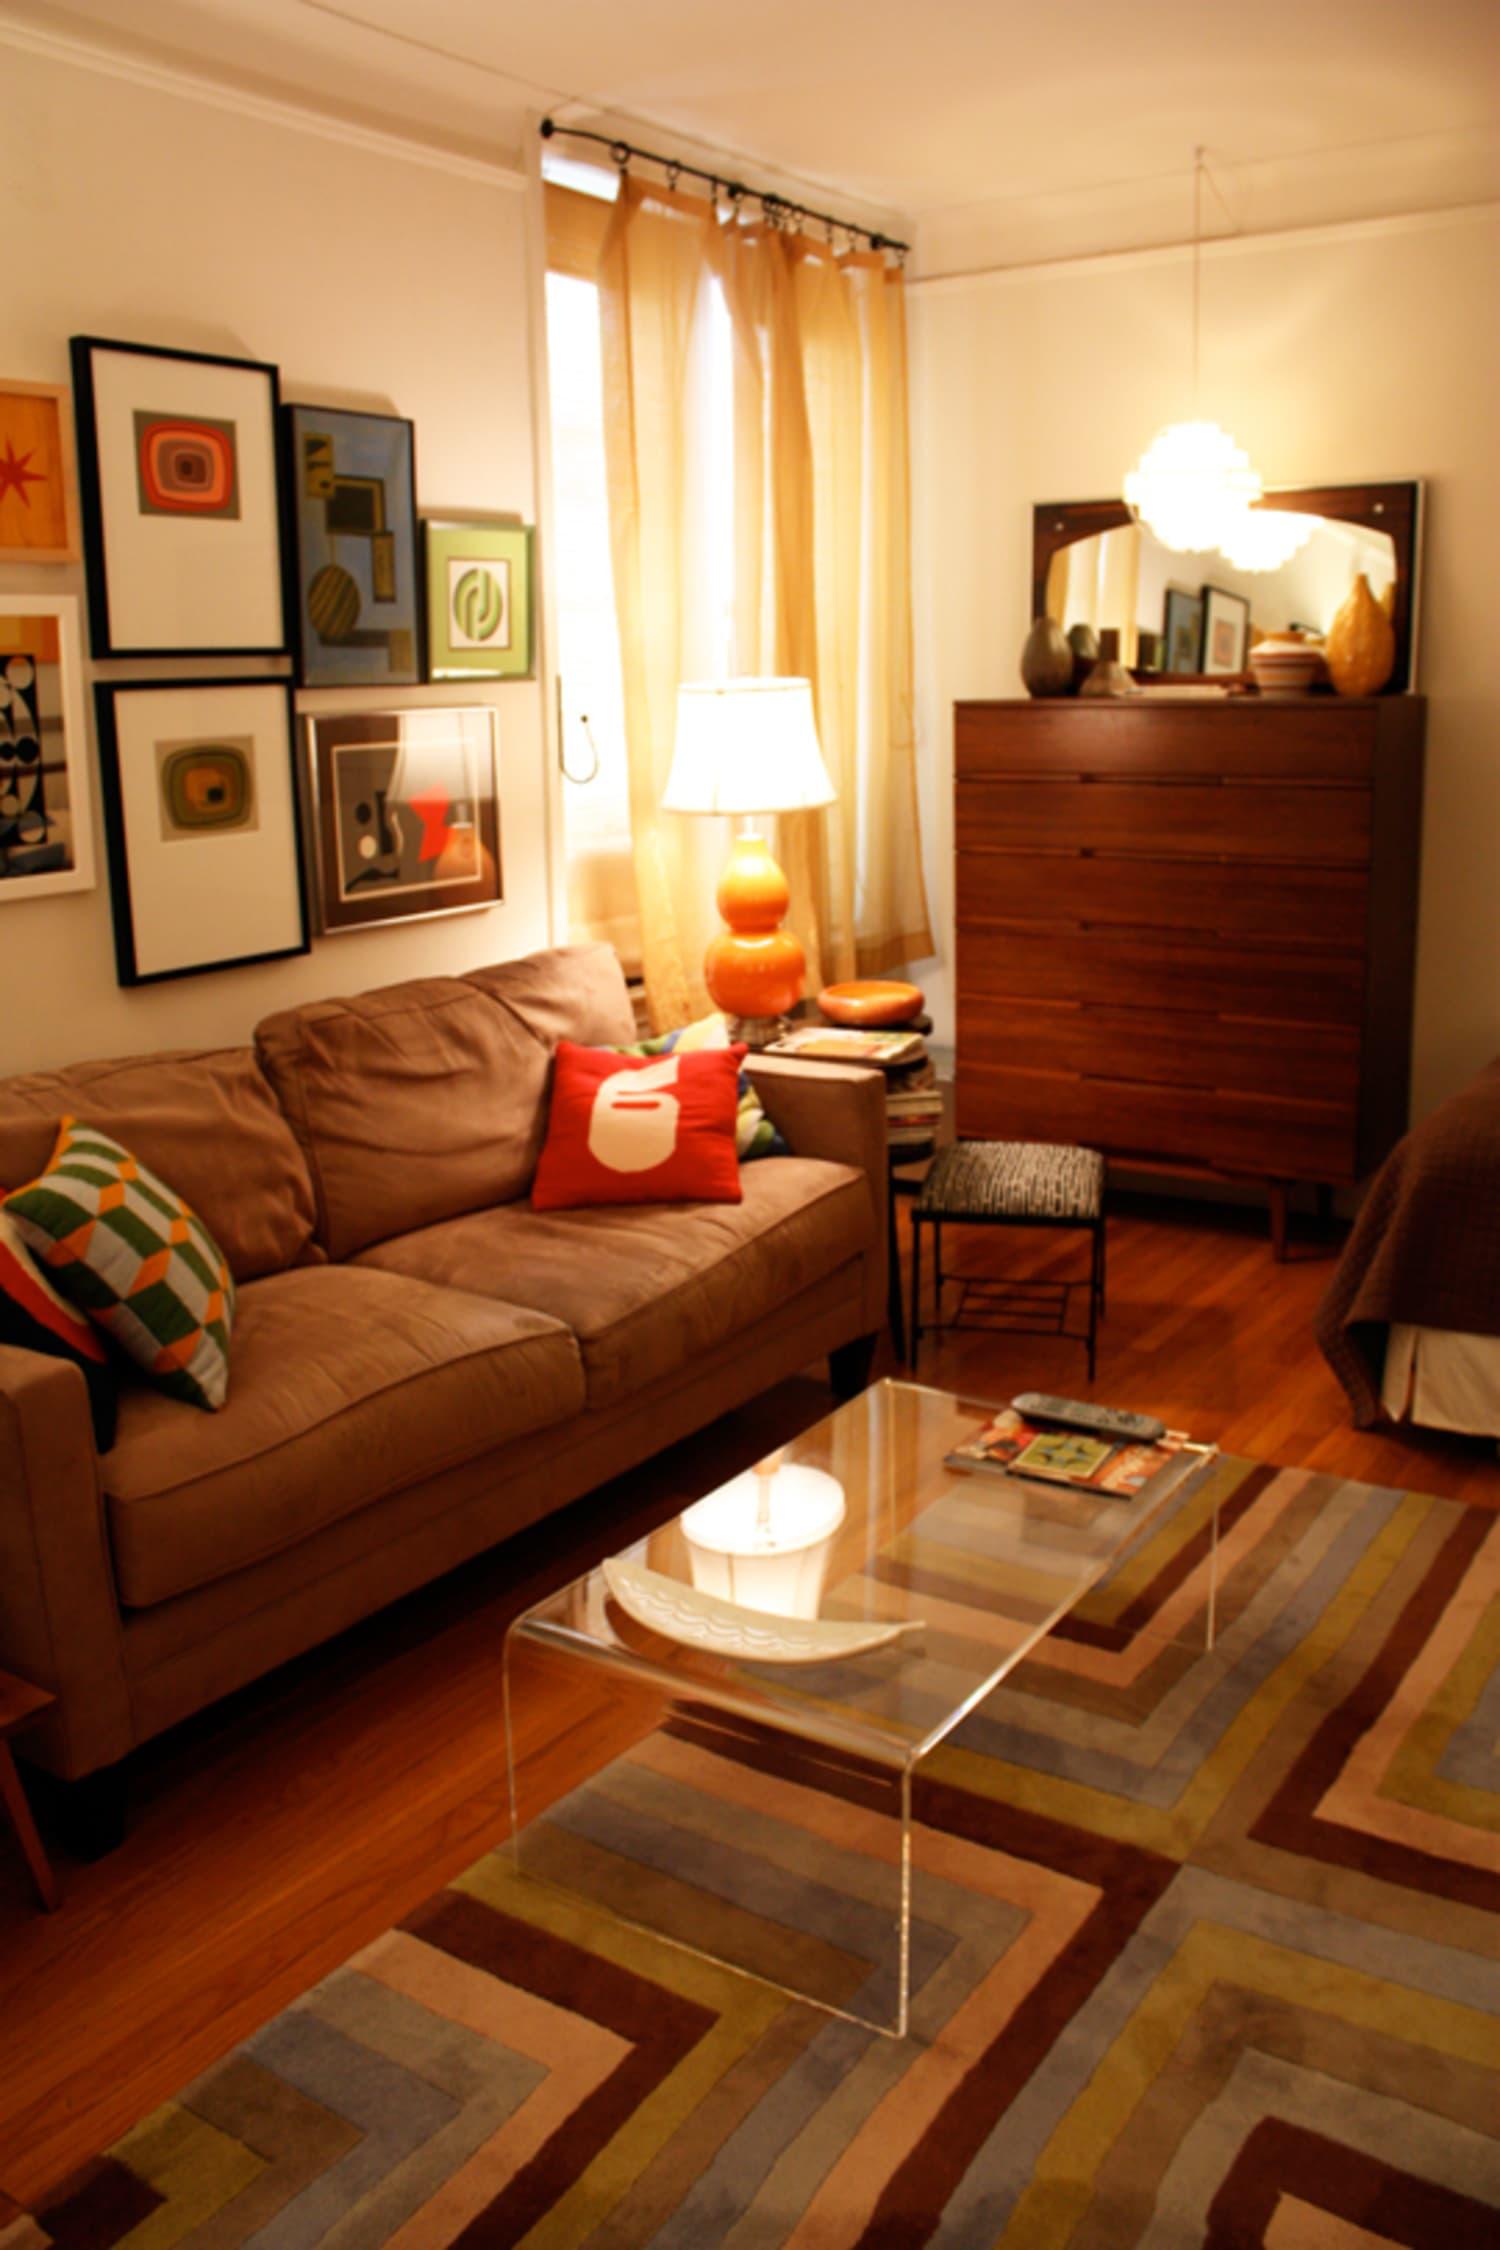 Matt's Spirited Studio | Apartment Therapy